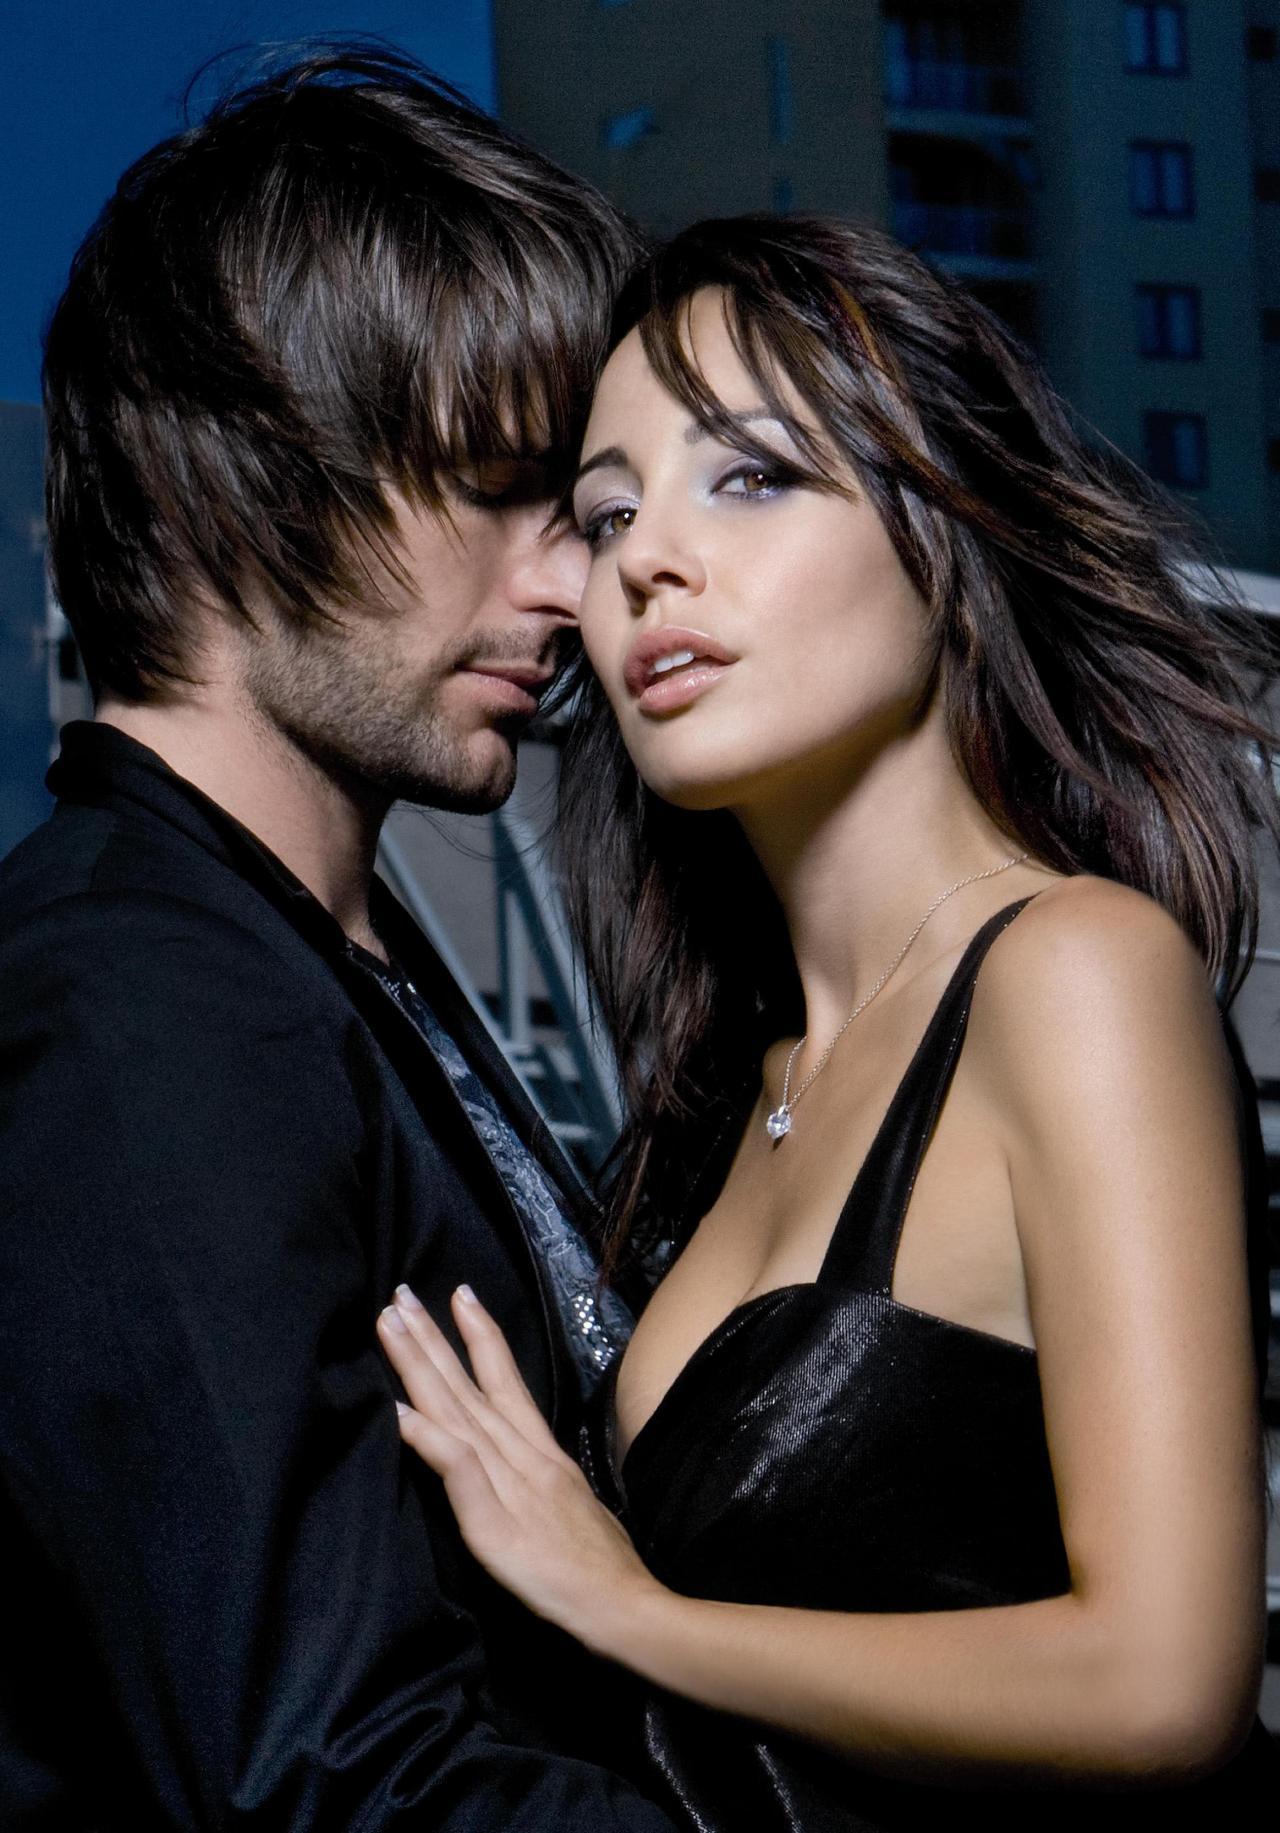 صورة صور رومانسيه جديده , بوستات حب ورومانسية مختلفة 3675 6